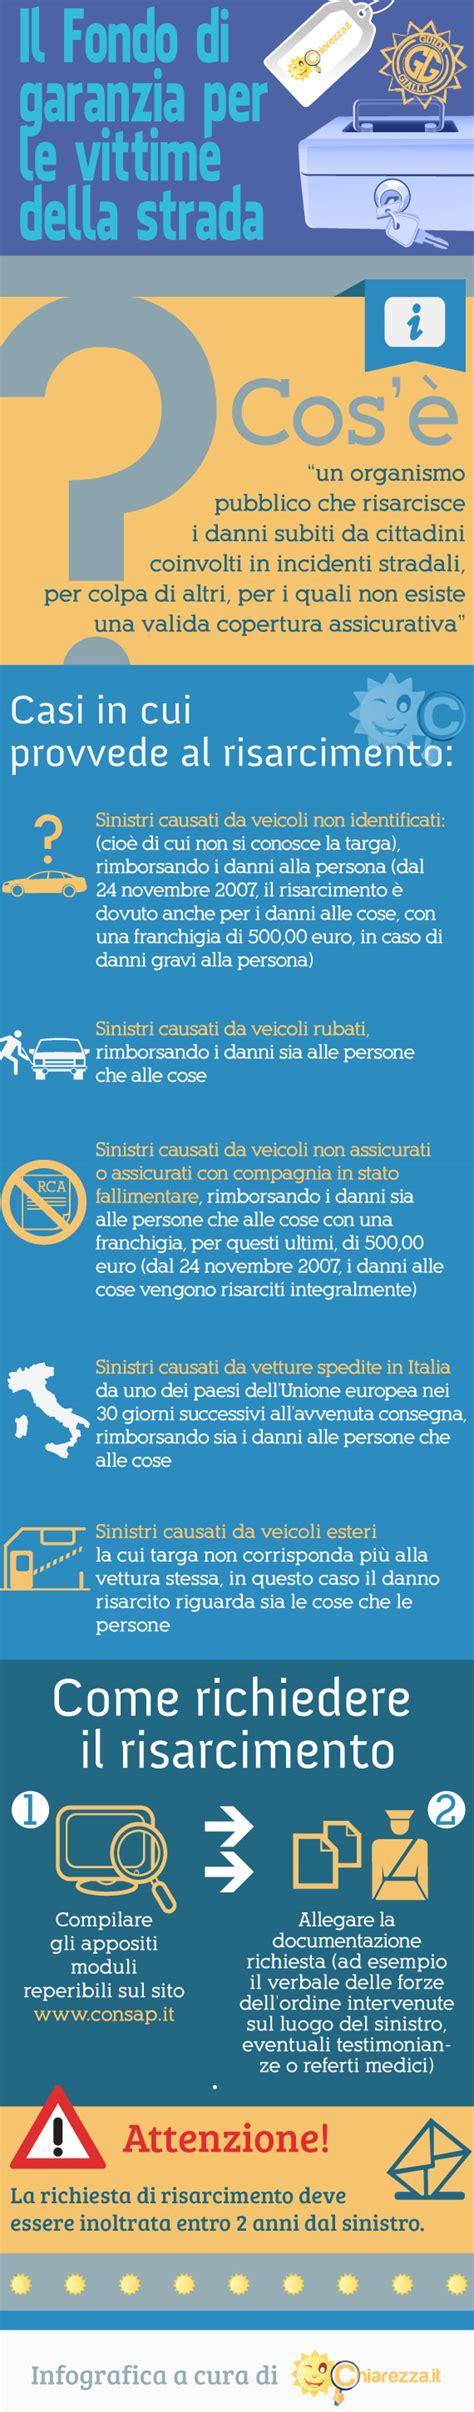 le assicurazioni di roma sede legale sede legale linear assicurazioni 28 images conte